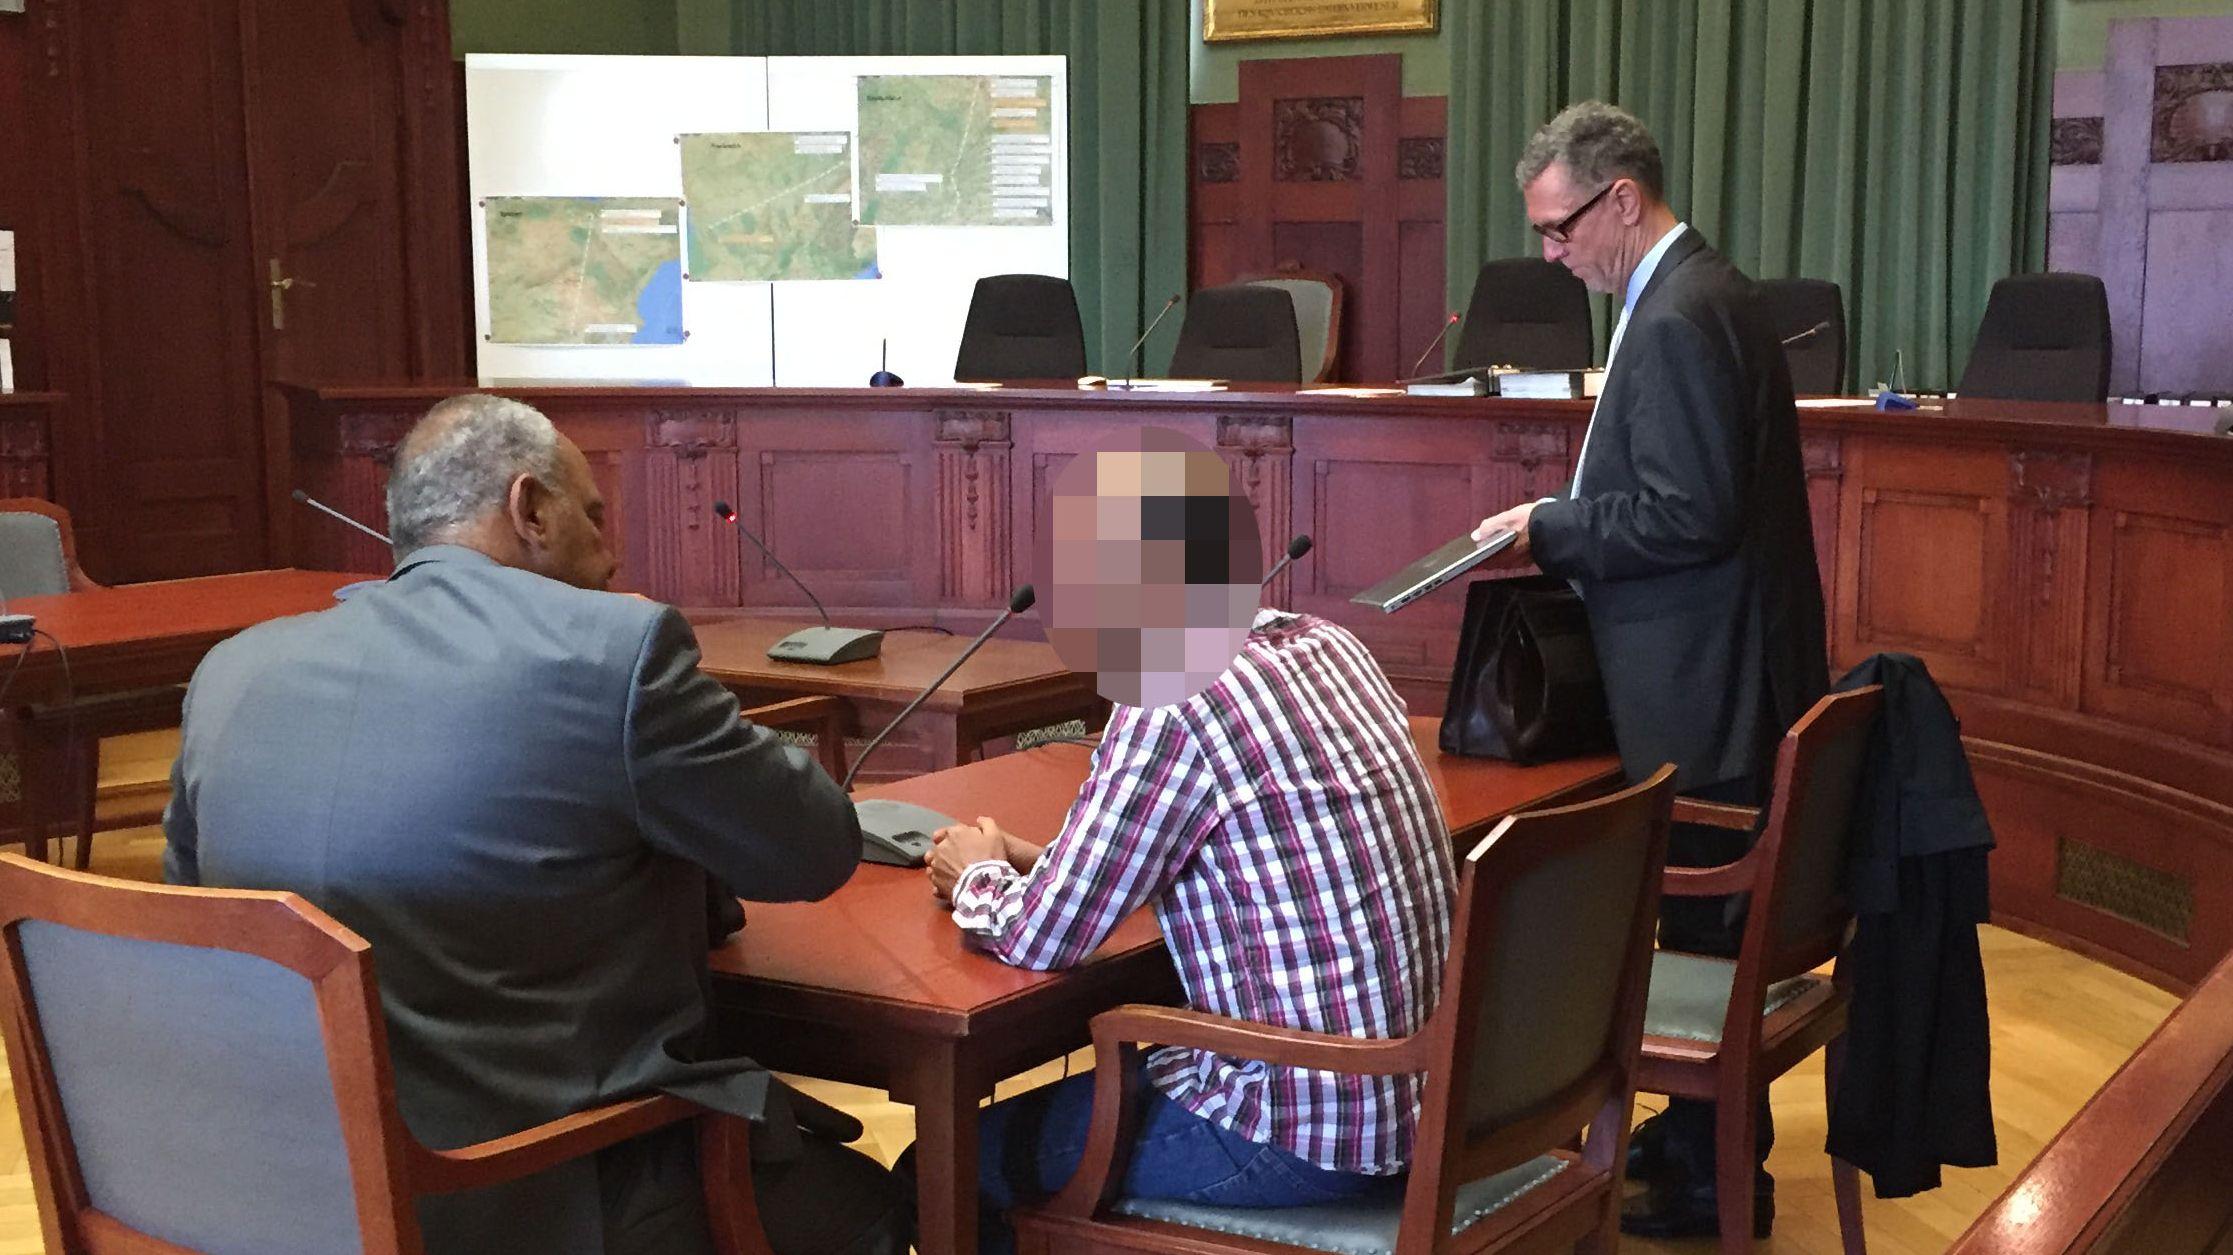 Sophia-Prozess: Der Angeklagte löschte offenbar Fotos vom Handy